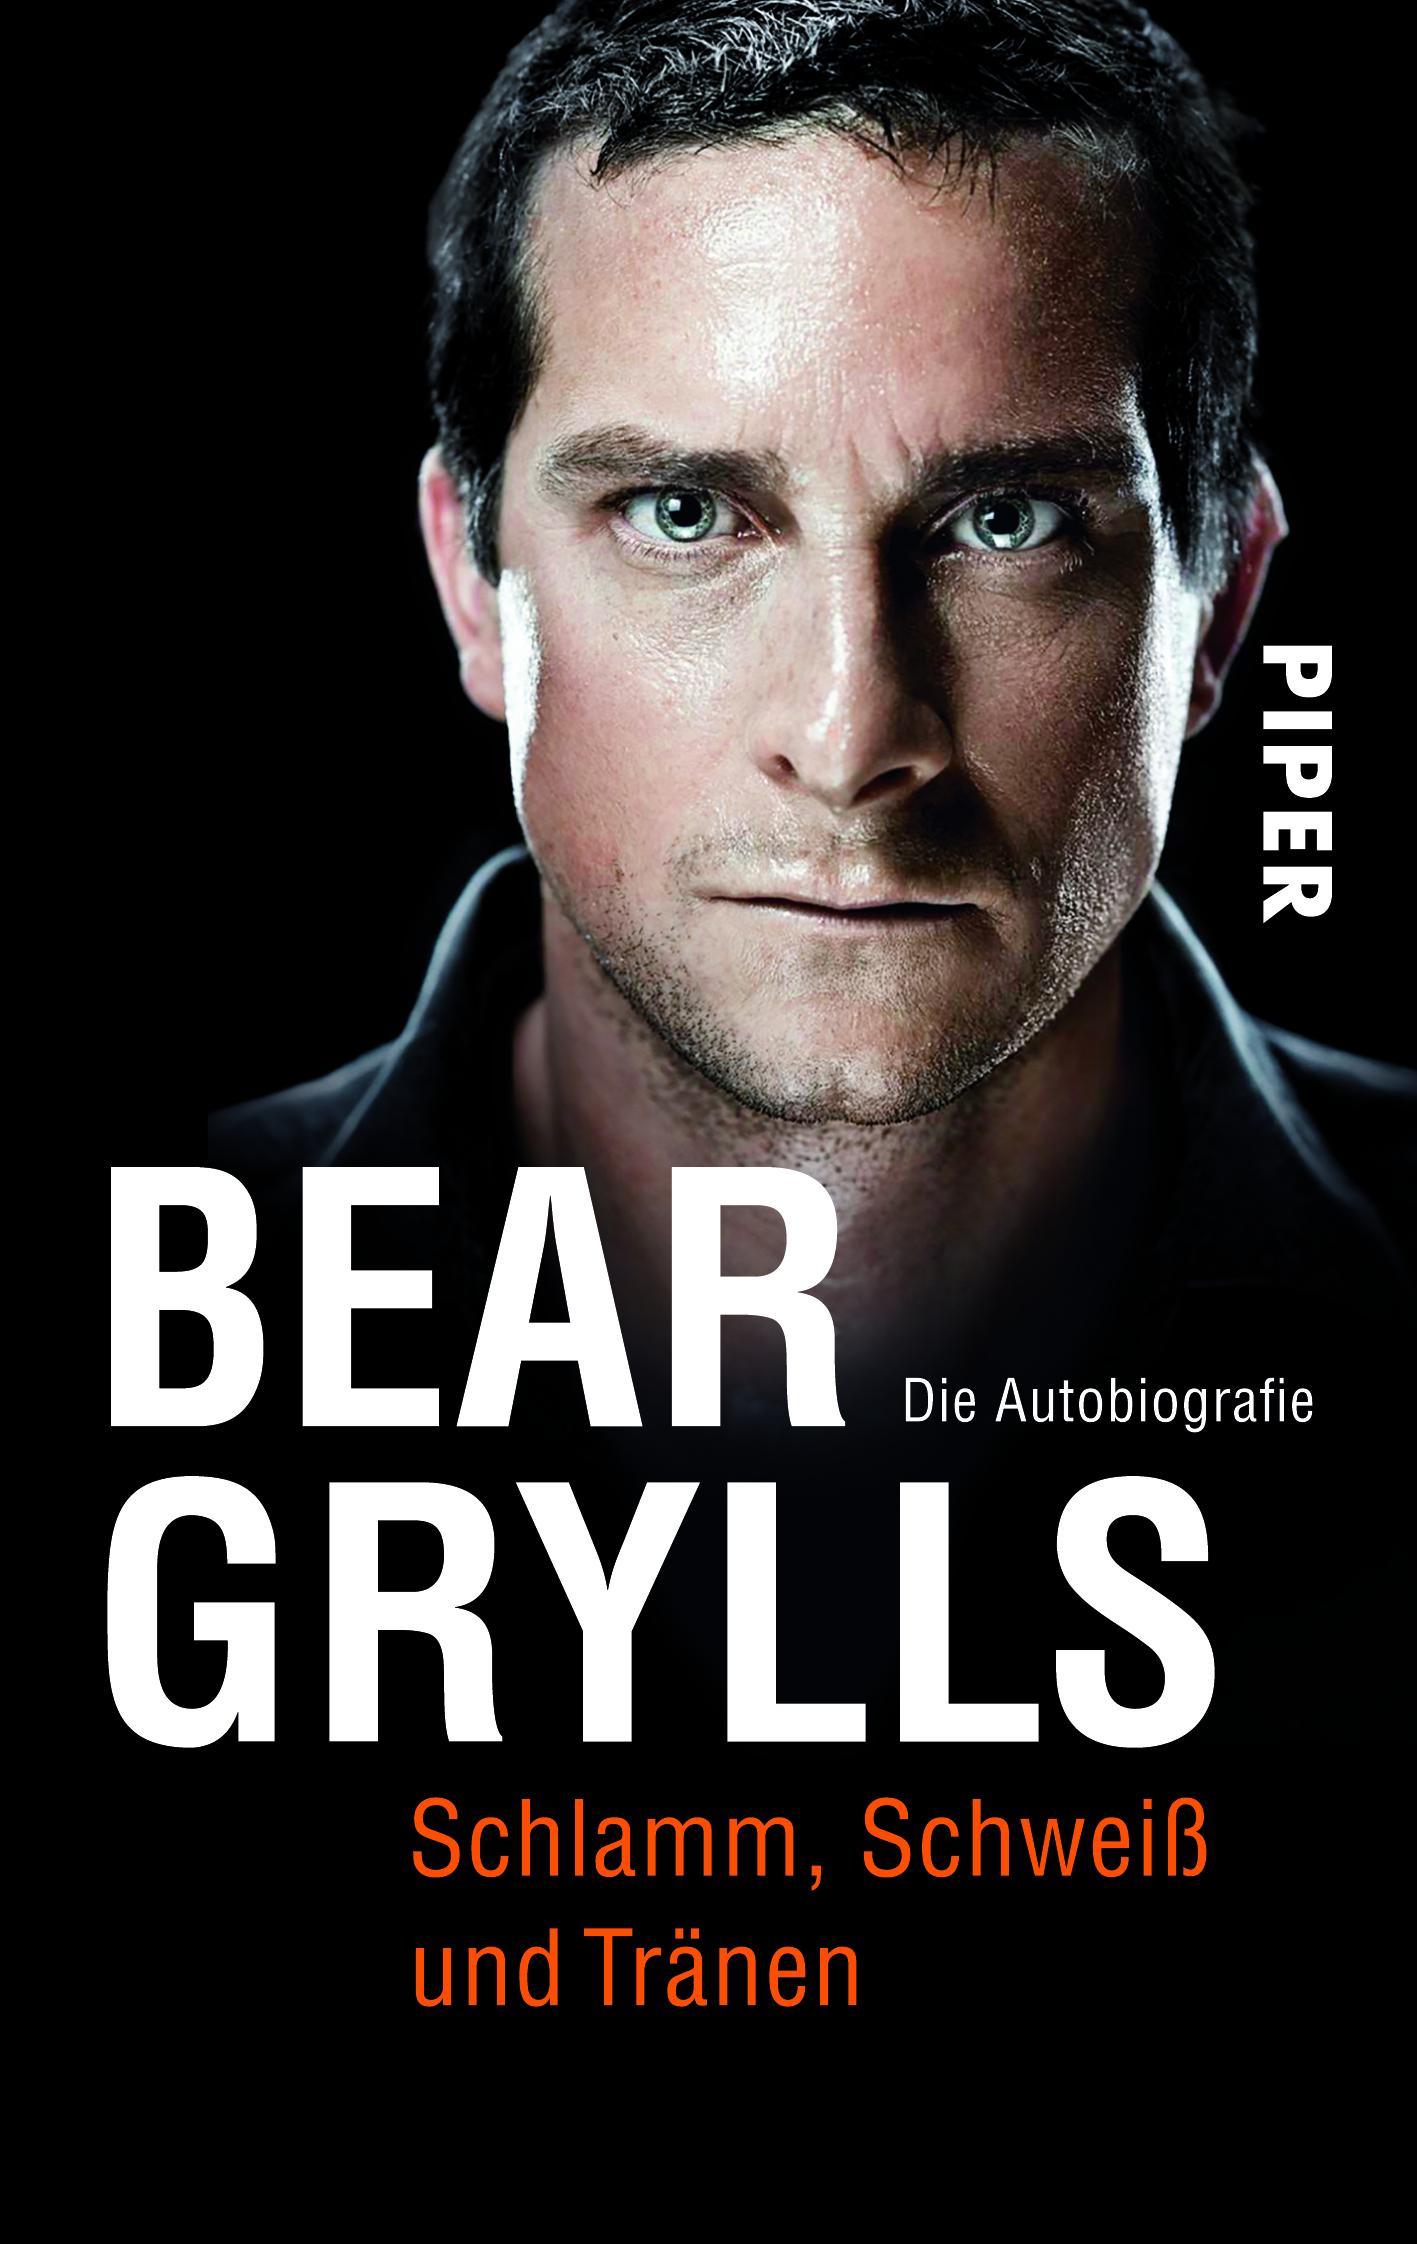 Schlamm, Schweiß und Tränen: Die Autobiografie Bear Grylls